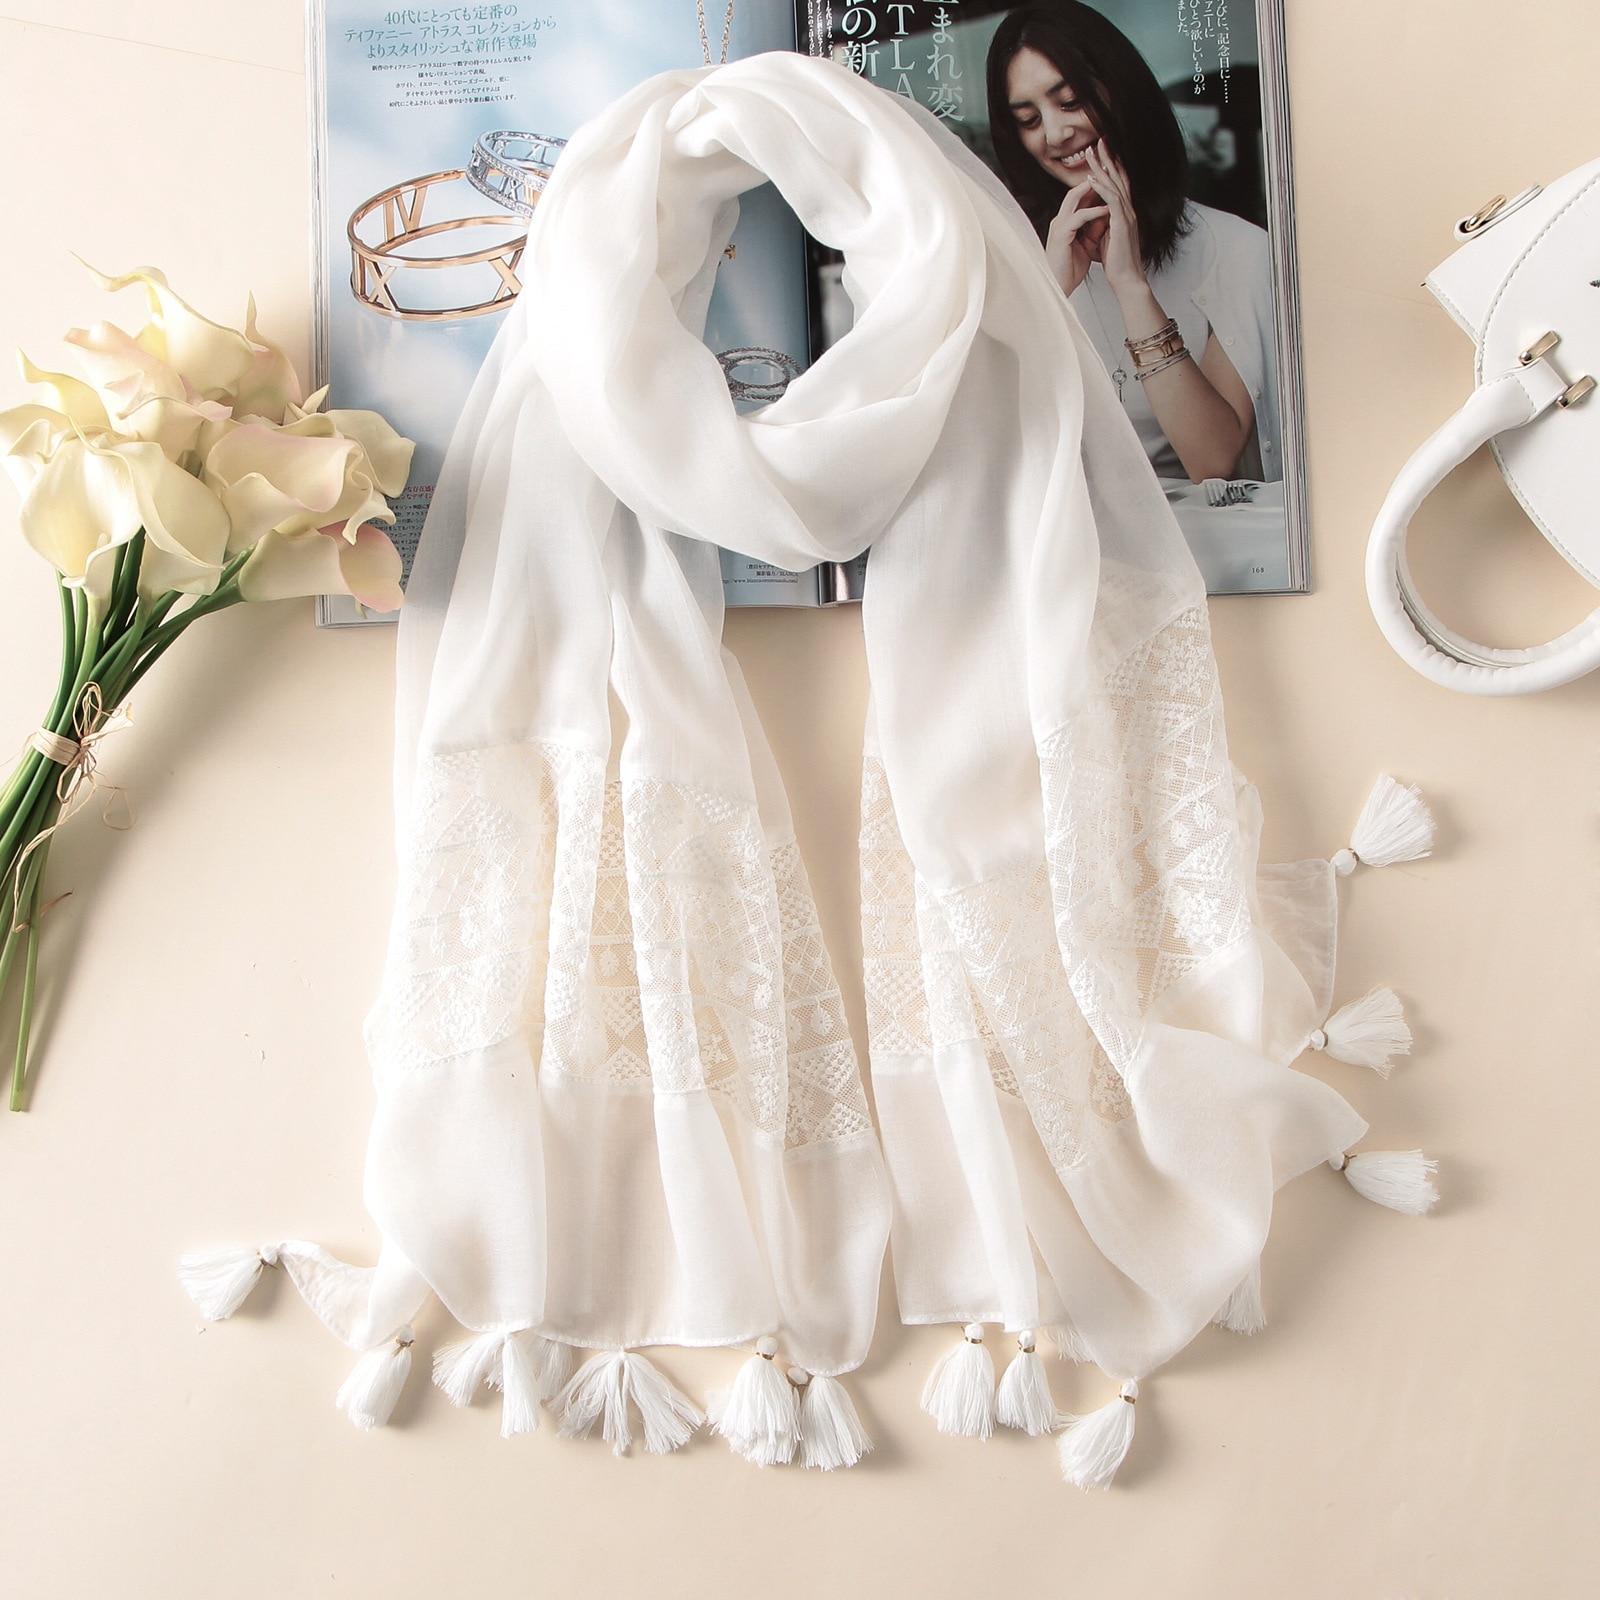 μάρκα 2018 άνοιξη καλοκαίρι γυναίκες κασκόλ μόδα λευκό δαντέλα μετάξι κασκόλ σάλια pashmina bandana θηλυκό foulard pareo παραλία